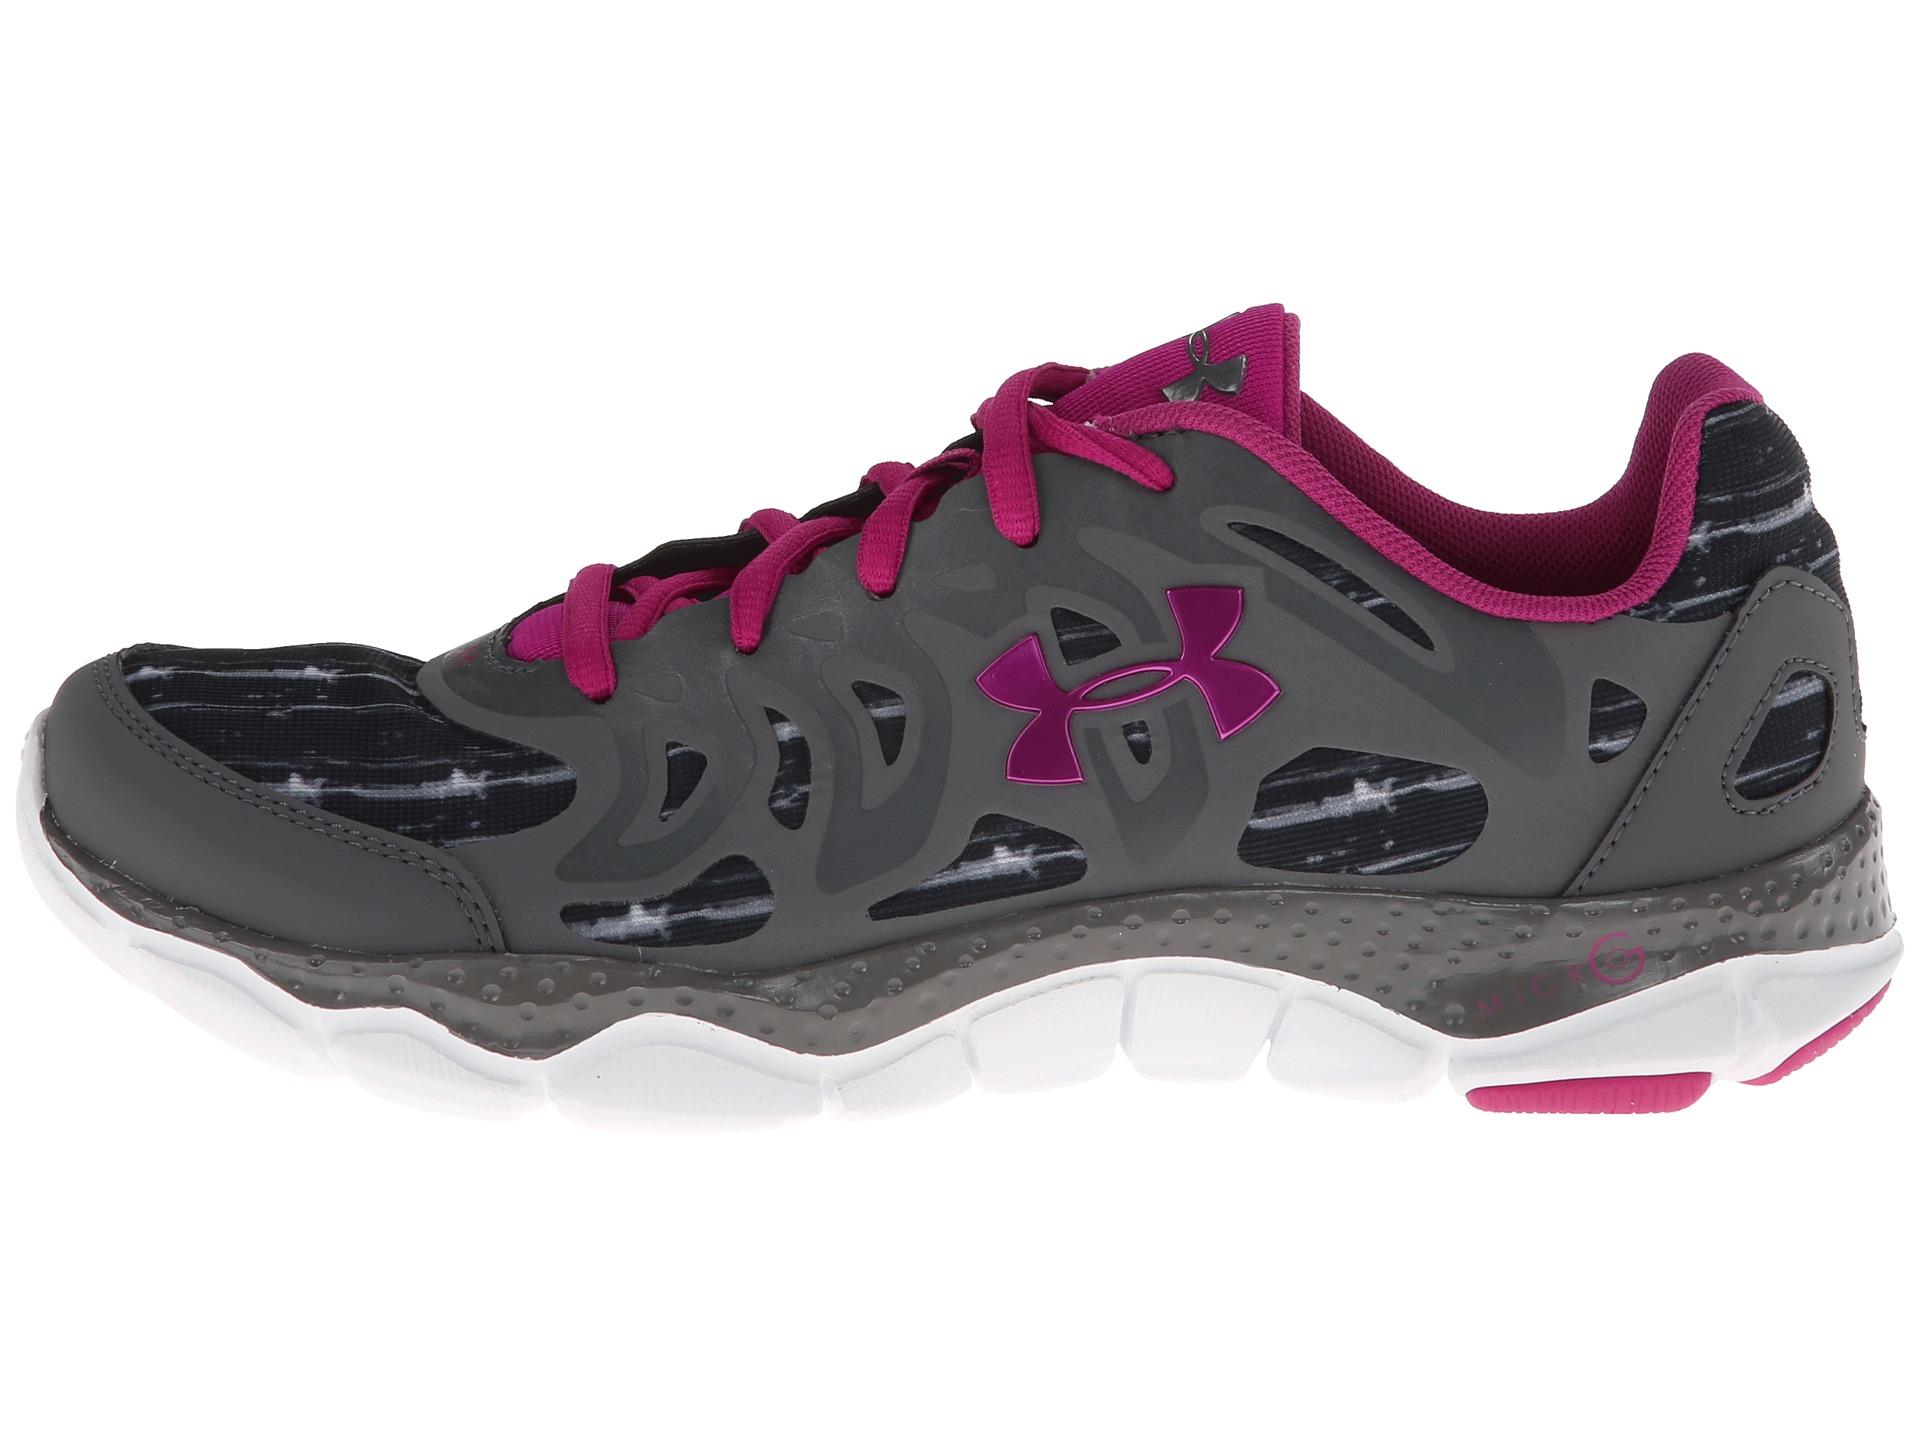 a45de770 Где купить обувь dockers. Интернет-магазин качественной брендовой обуви.